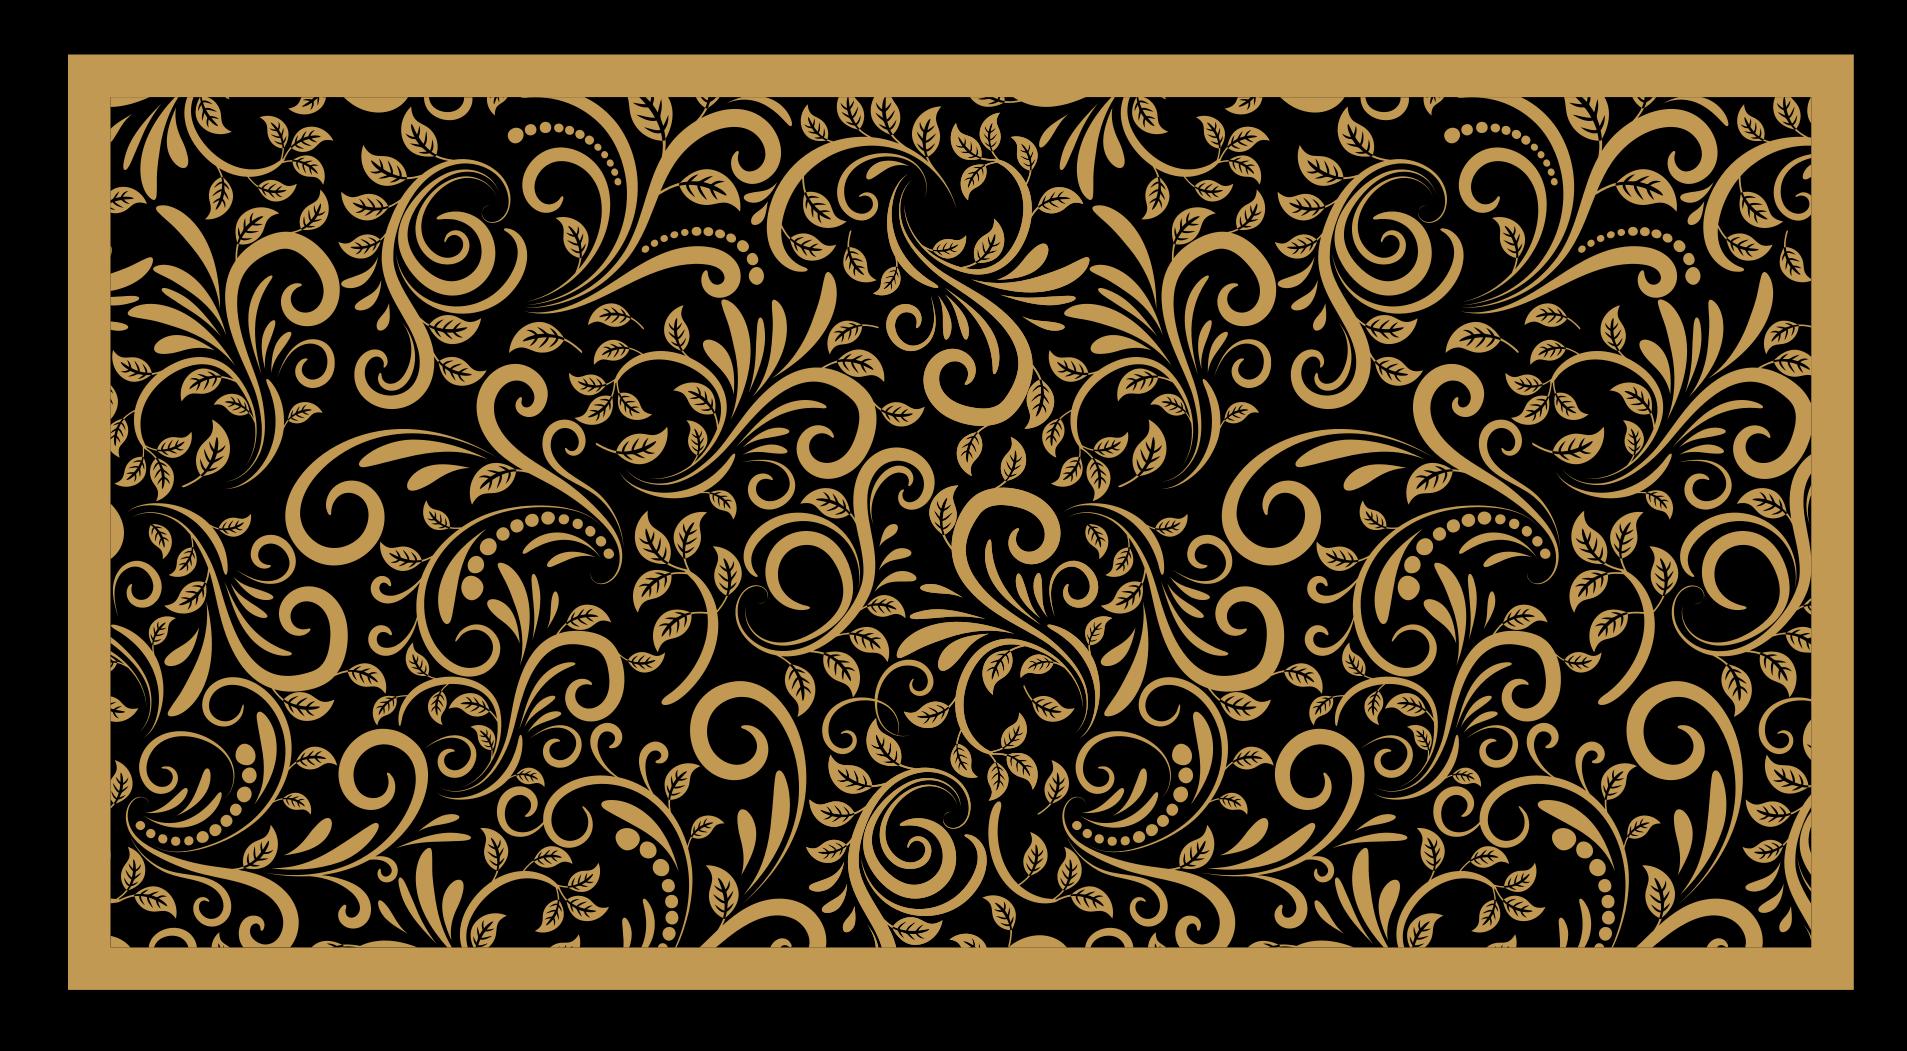 TenStickers. Dywan vintage winylowy Tradycyjny wzór. Dywan winylowy ze złotymi zdobieniami. Prezentuje złote zdobienia na czarnym tle i będzie doskonałą ozdobą Twojej kuchni.